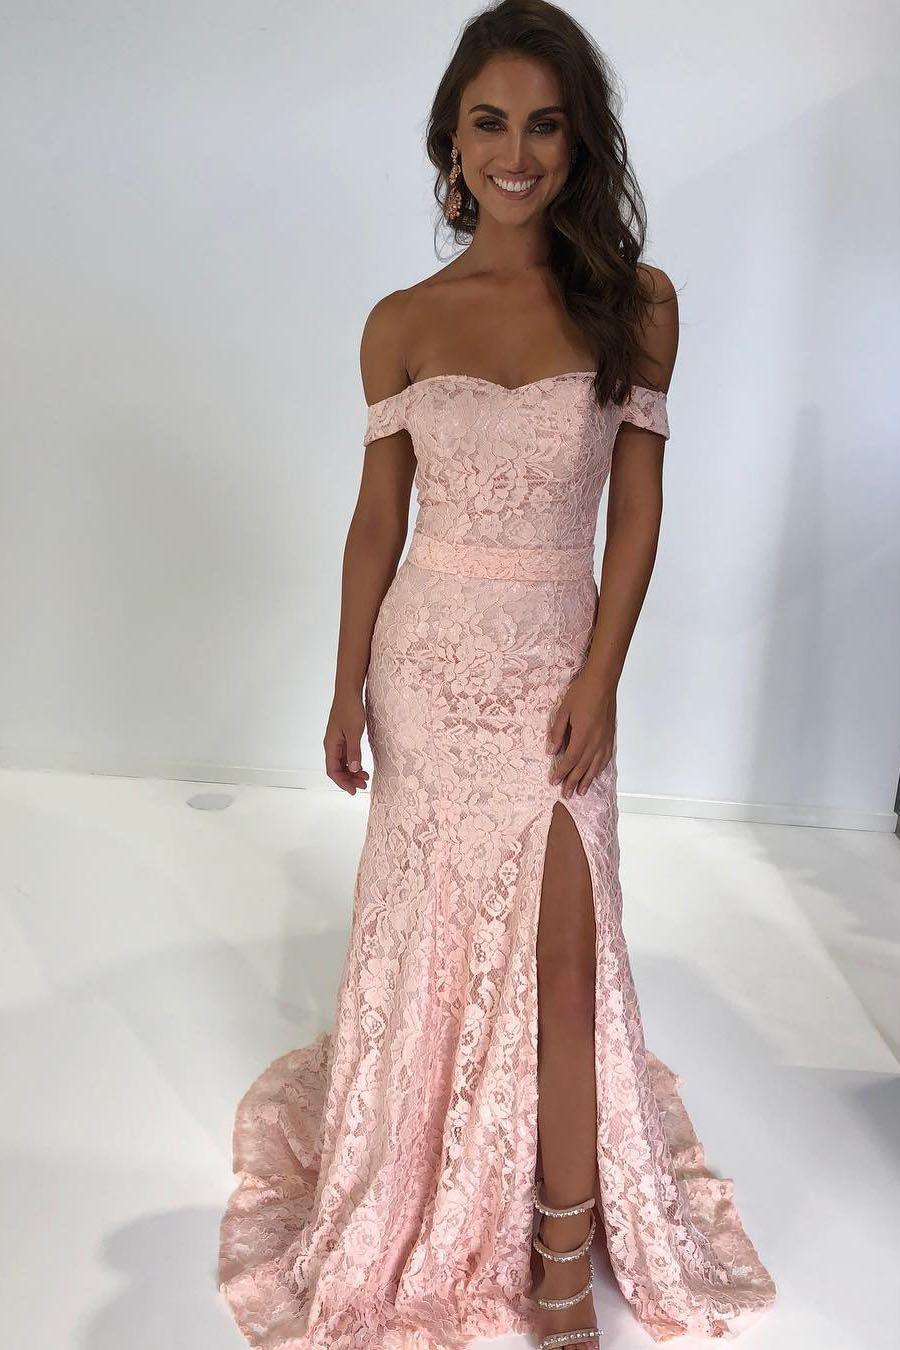 10 Top Enges Langes Abendkleid BoutiqueDesigner Erstaunlich Enges Langes Abendkleid für 2019